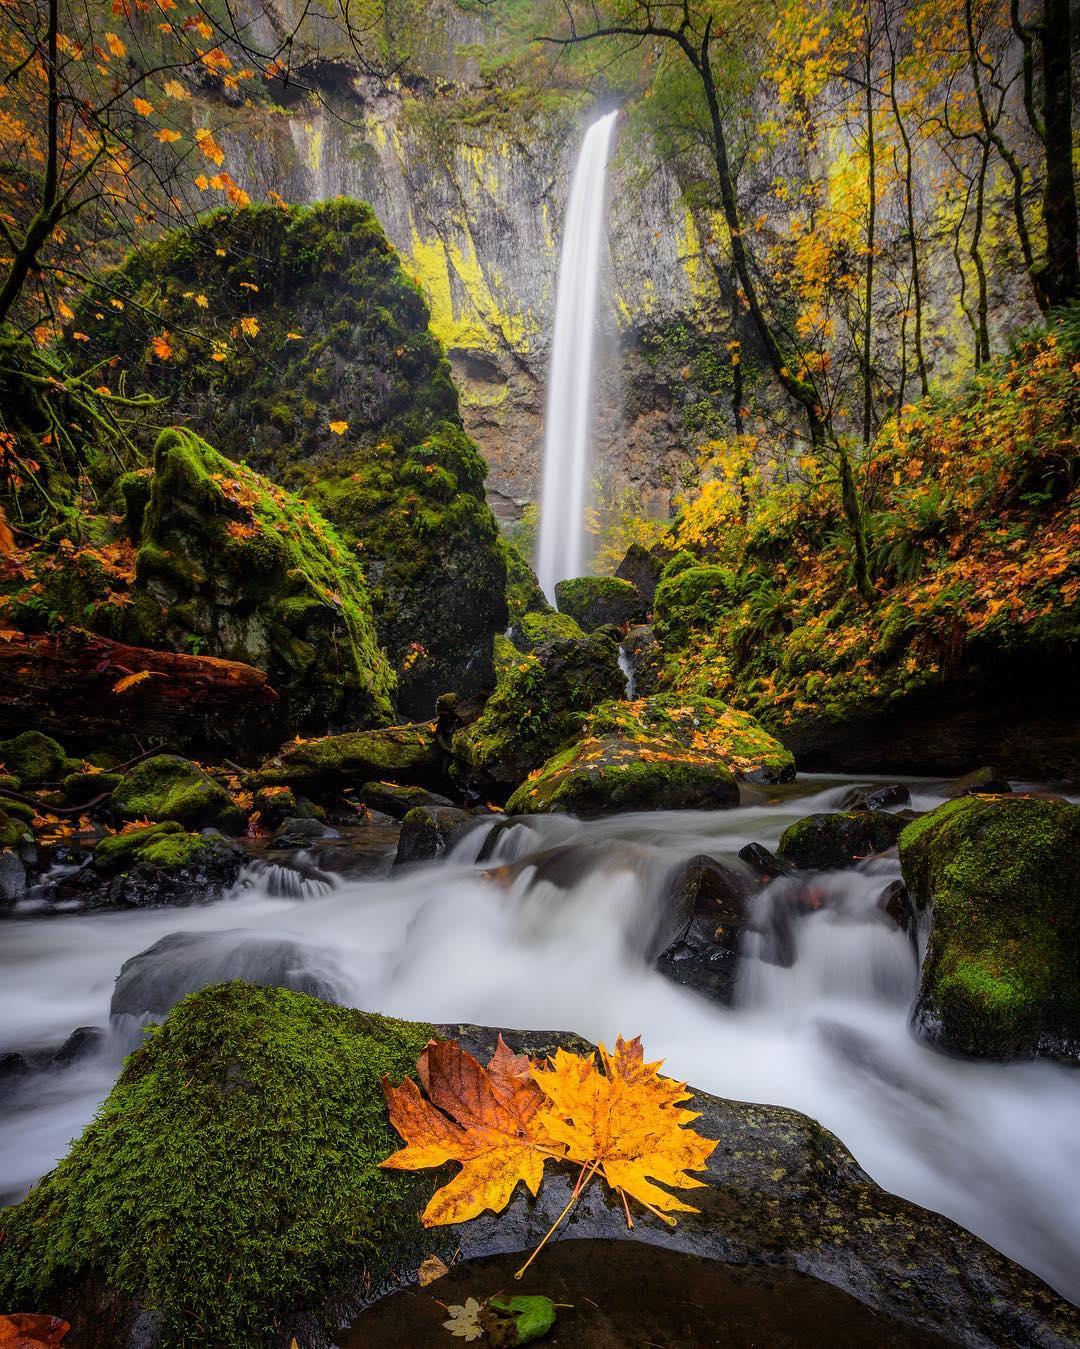 Красивая природа на снимках Росса Липсона